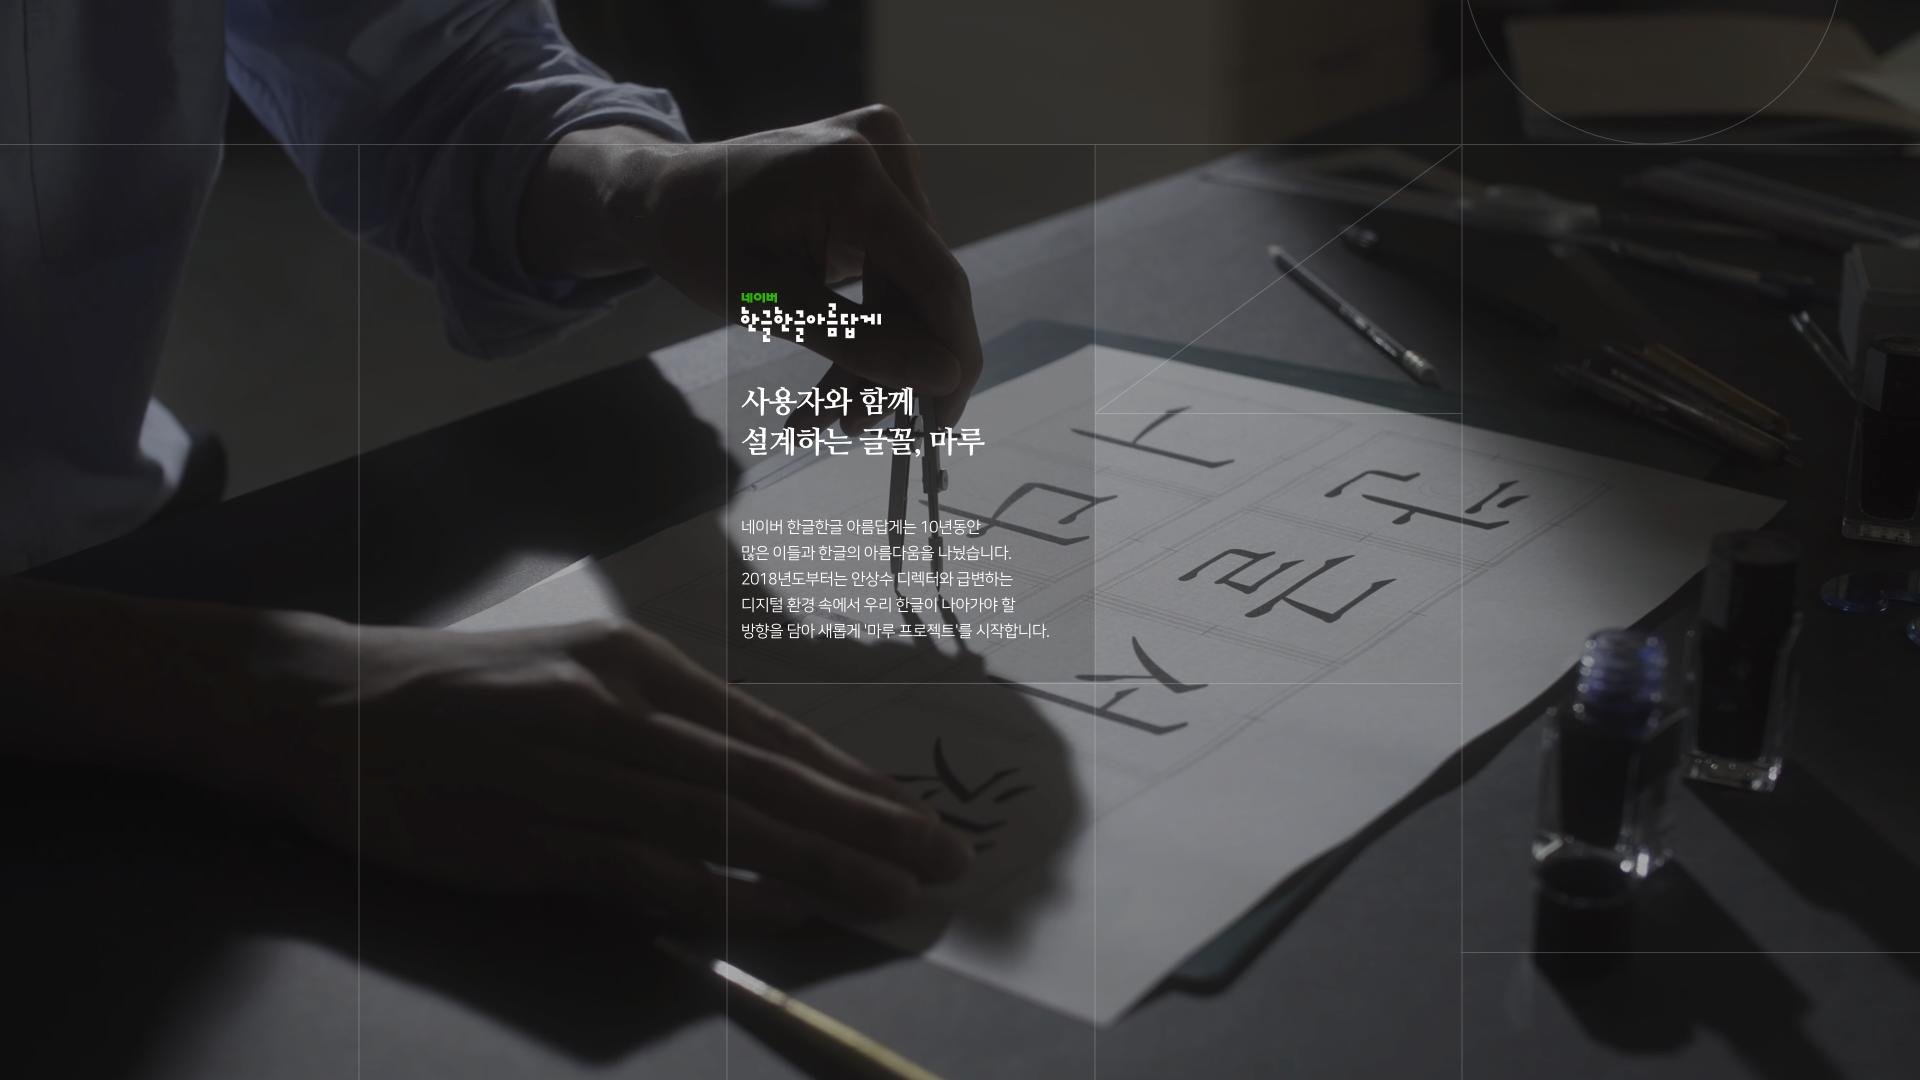 마루프로젝트 소개 영상 중, 네이버 문화재단 & 안그라픽스, 2018